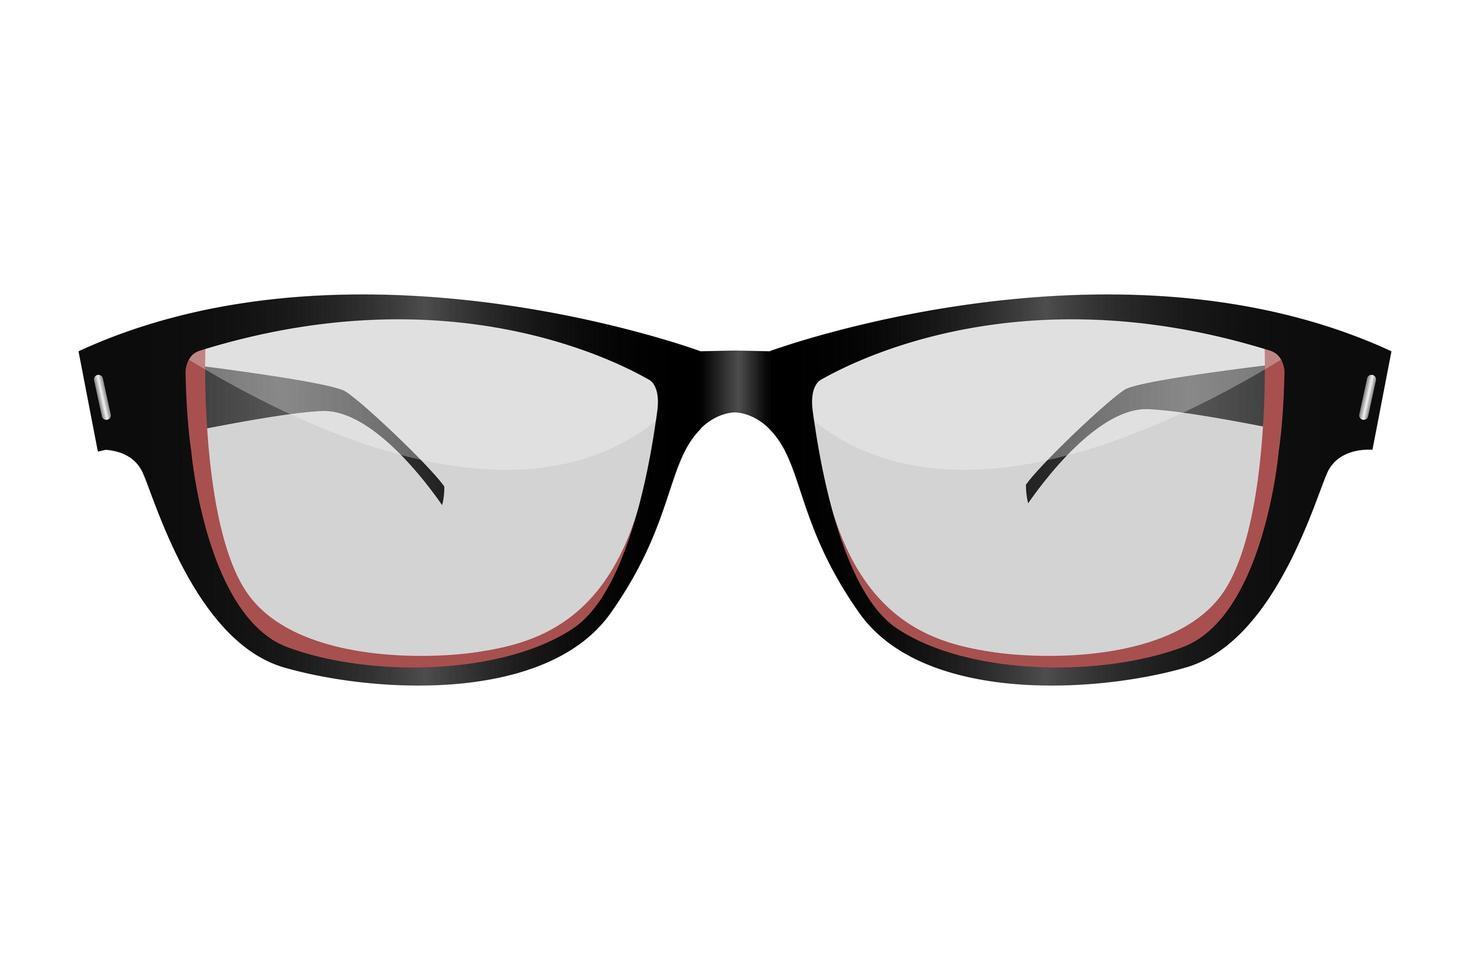 bicchieri isolati su sfondo bianco vettore